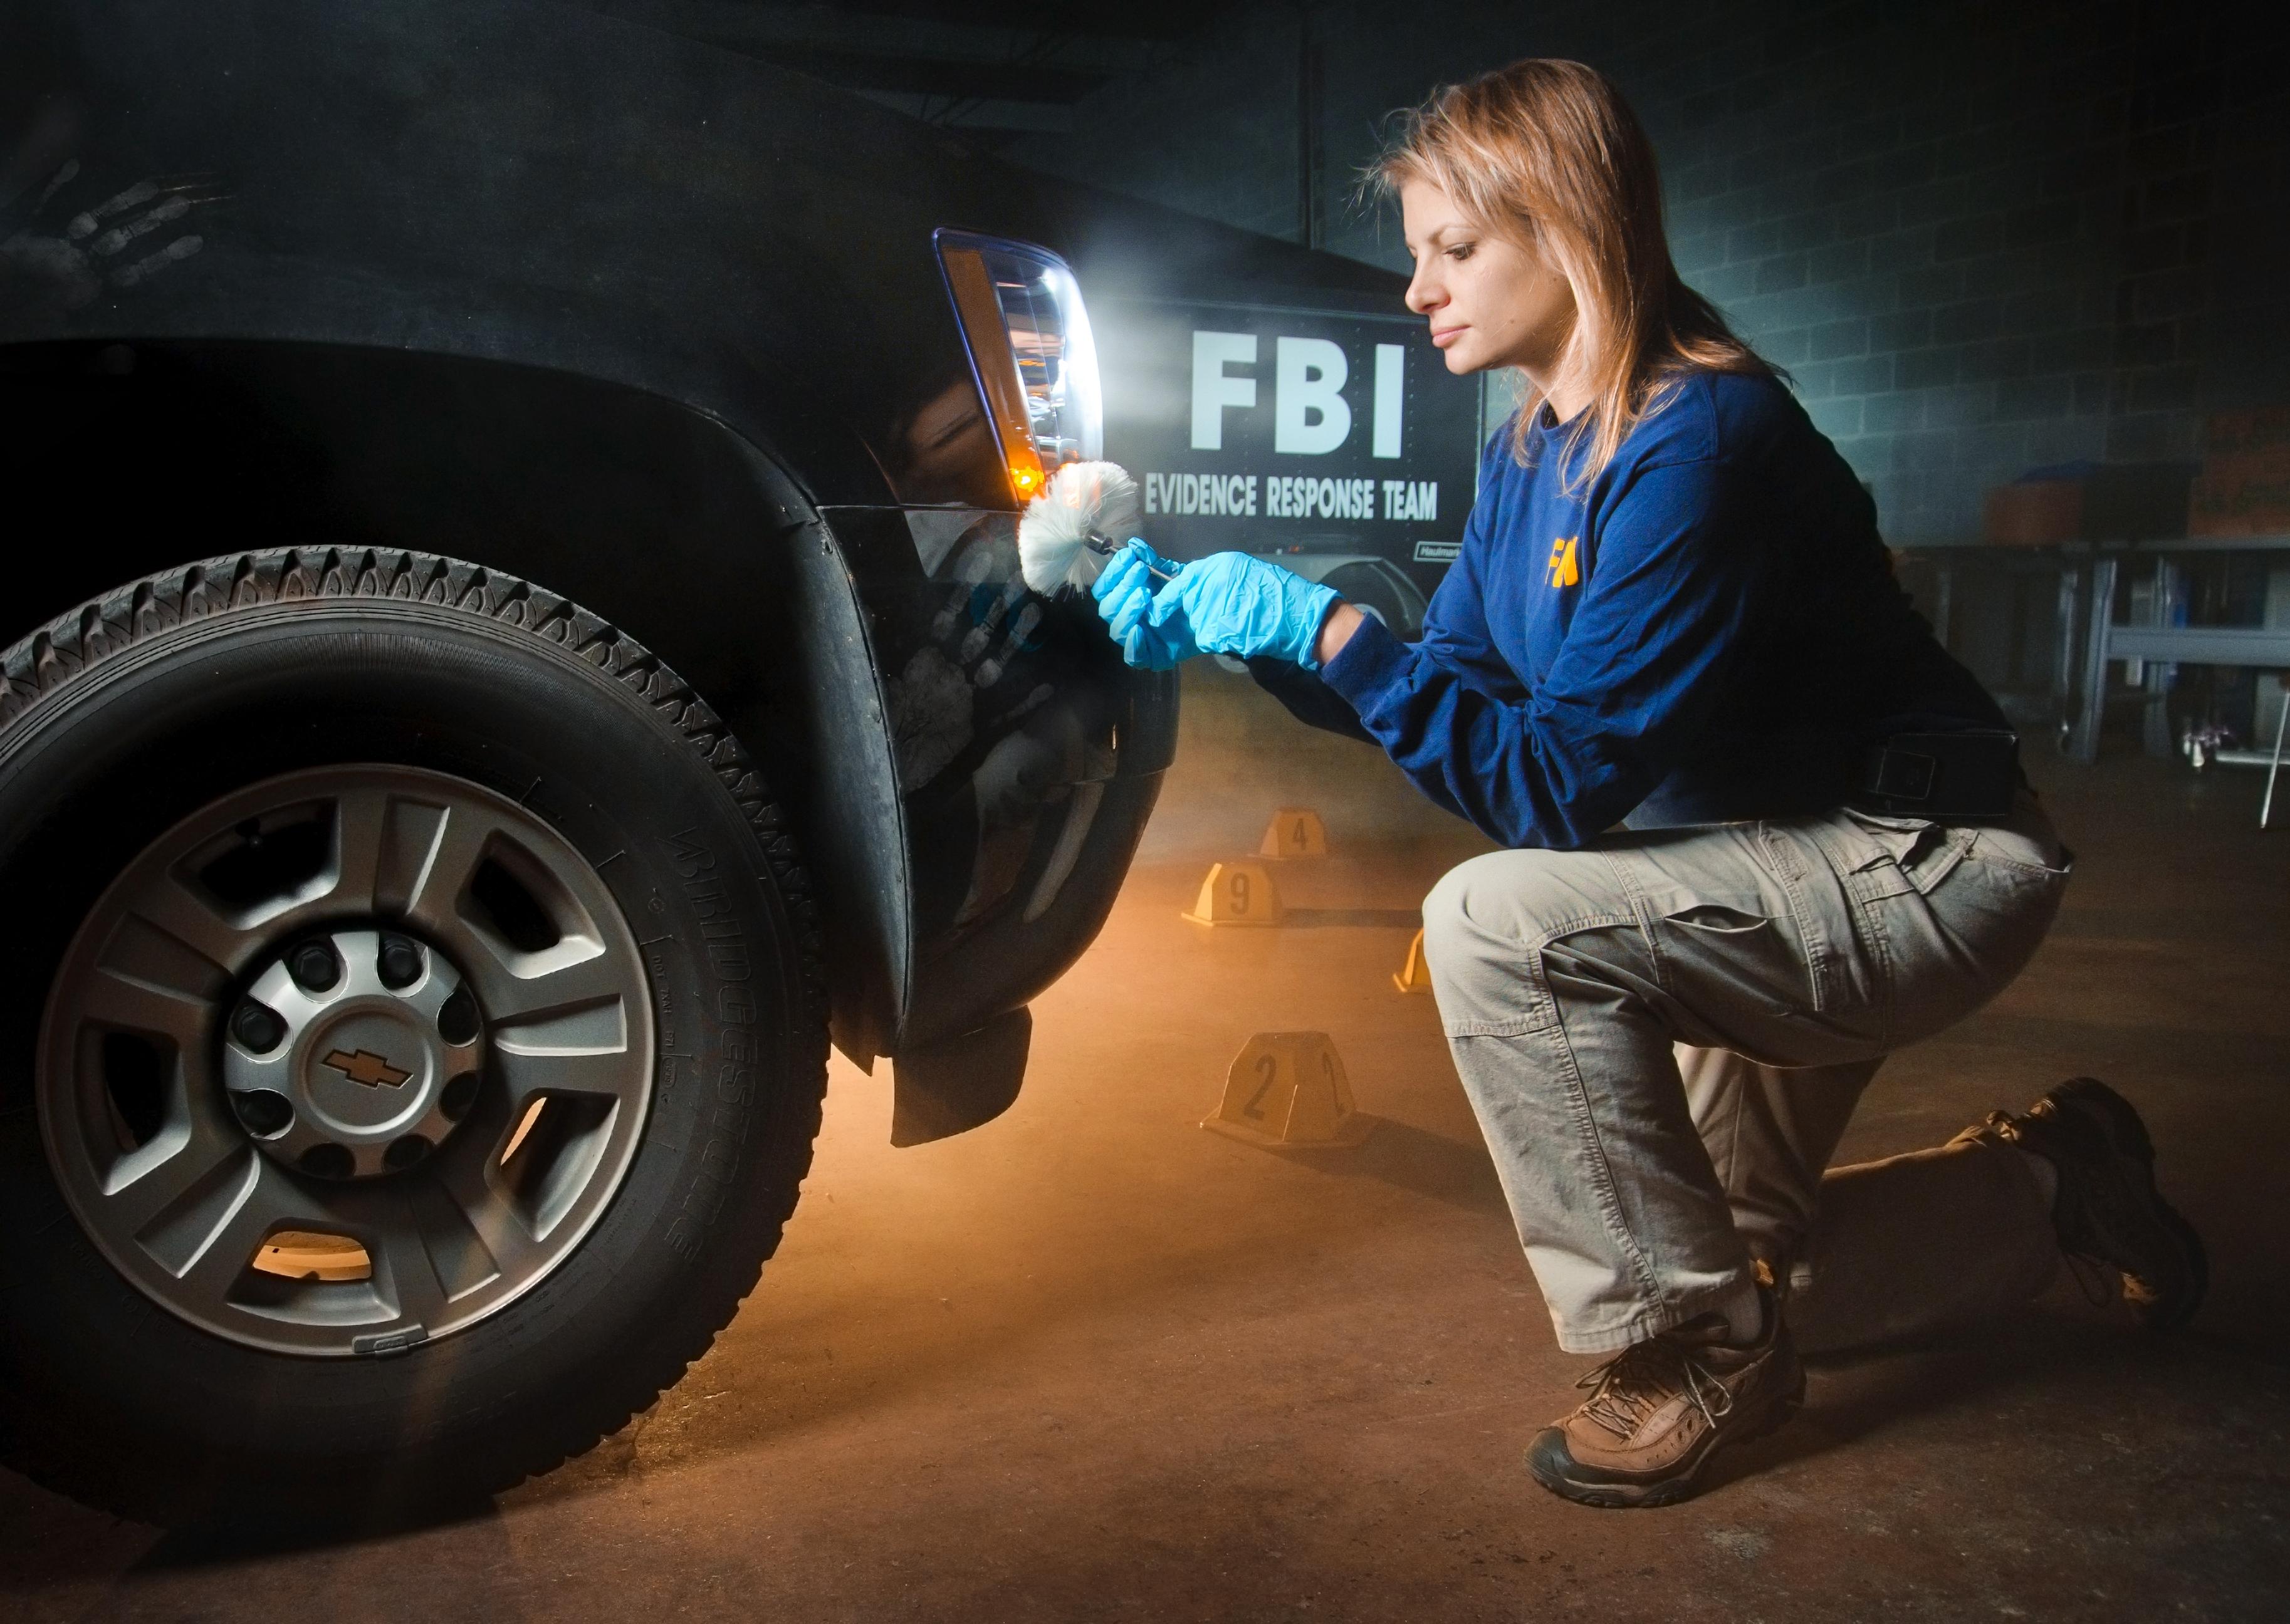 Evidence Response Team (ERT) member brushes a vehicle for evidence.